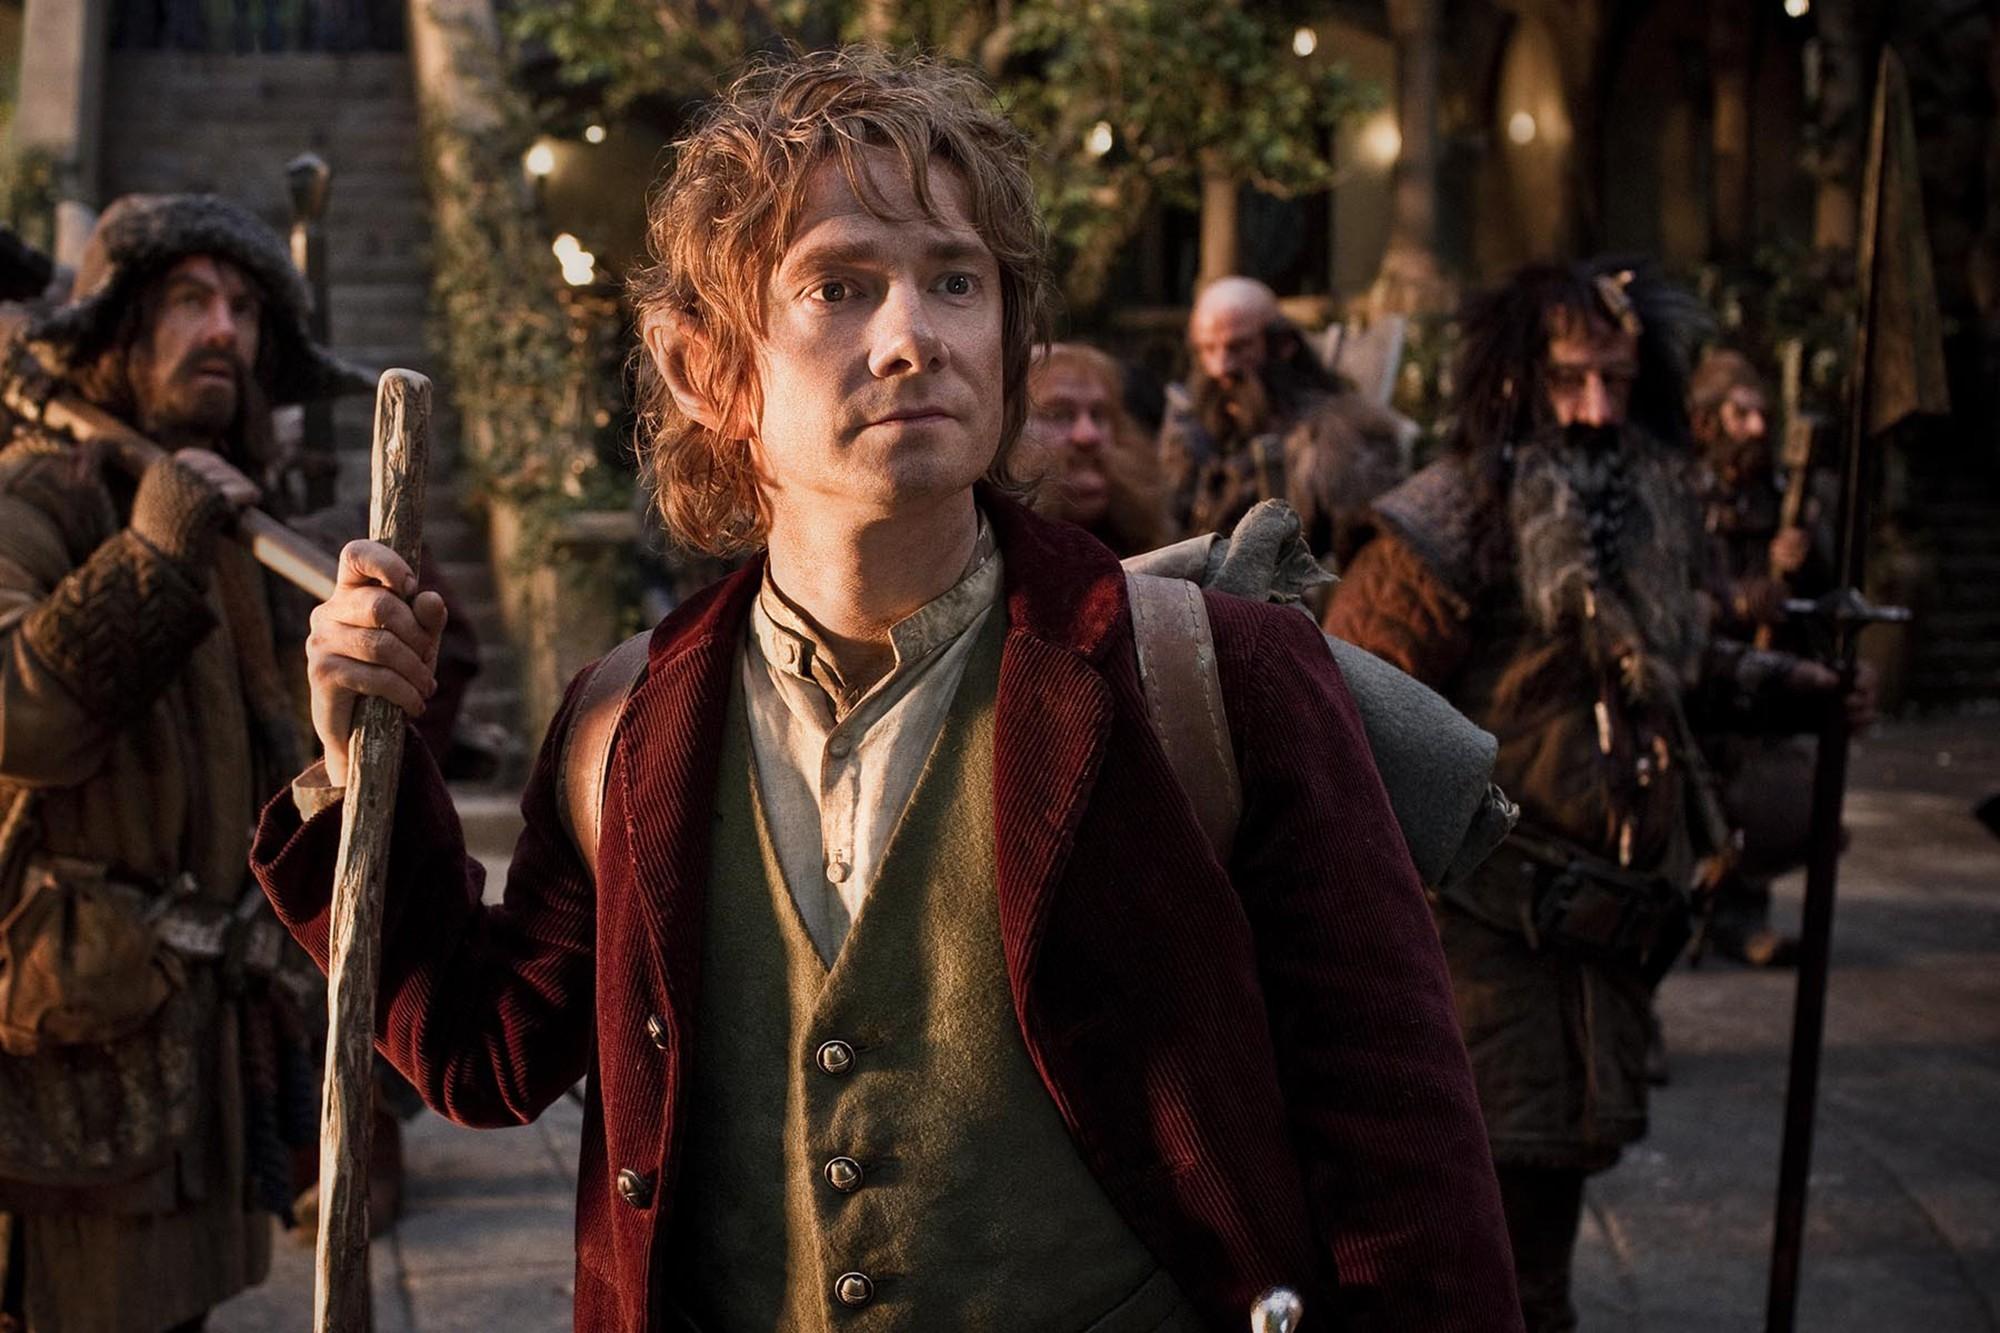 the-hobbit-bilbo-baggins